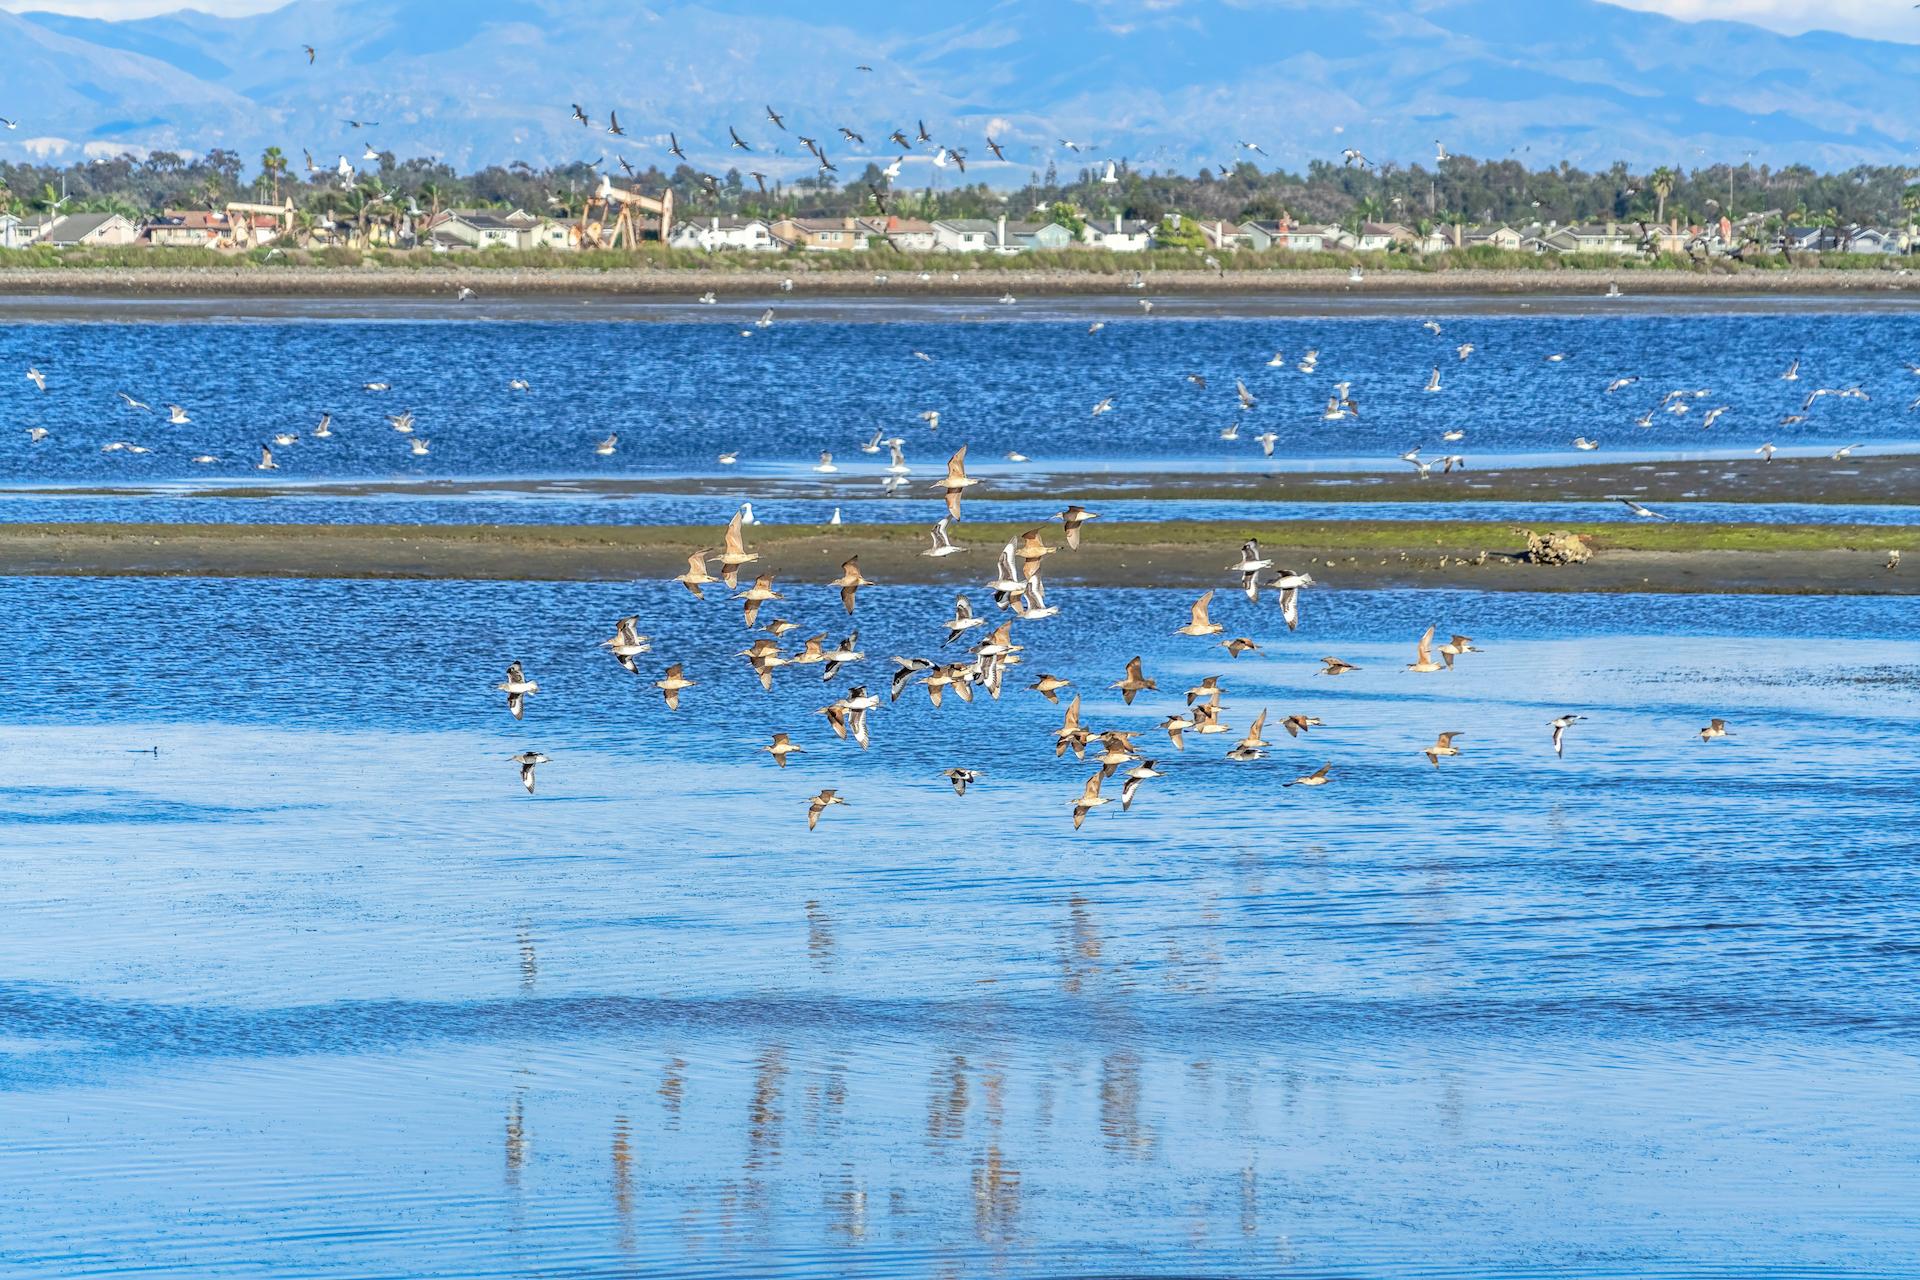 無人機墜加州一生態保護區 受驚燕鷗棄巢 數千鳥蛋被棄灘上